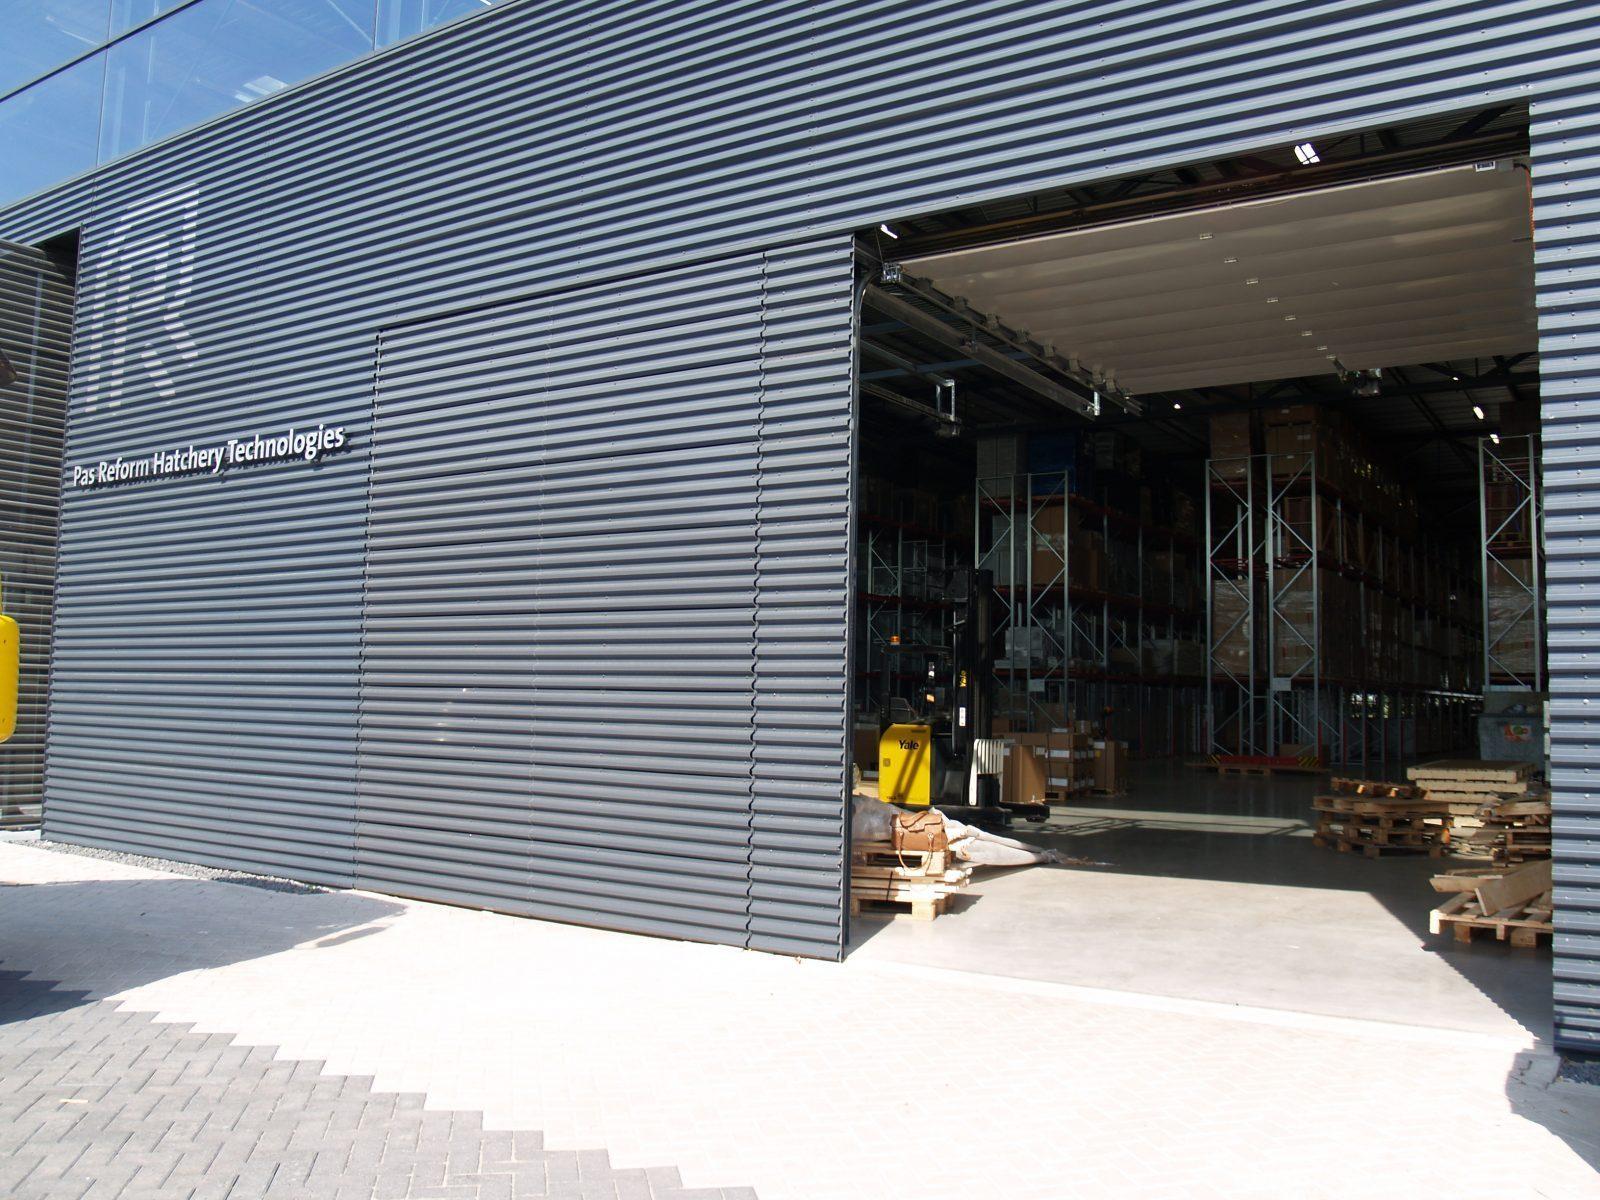 Aesthetic doors - Special doors - Protec Industrial Doors & Special designed doors - Pas Reform - Protec Industrial Doors